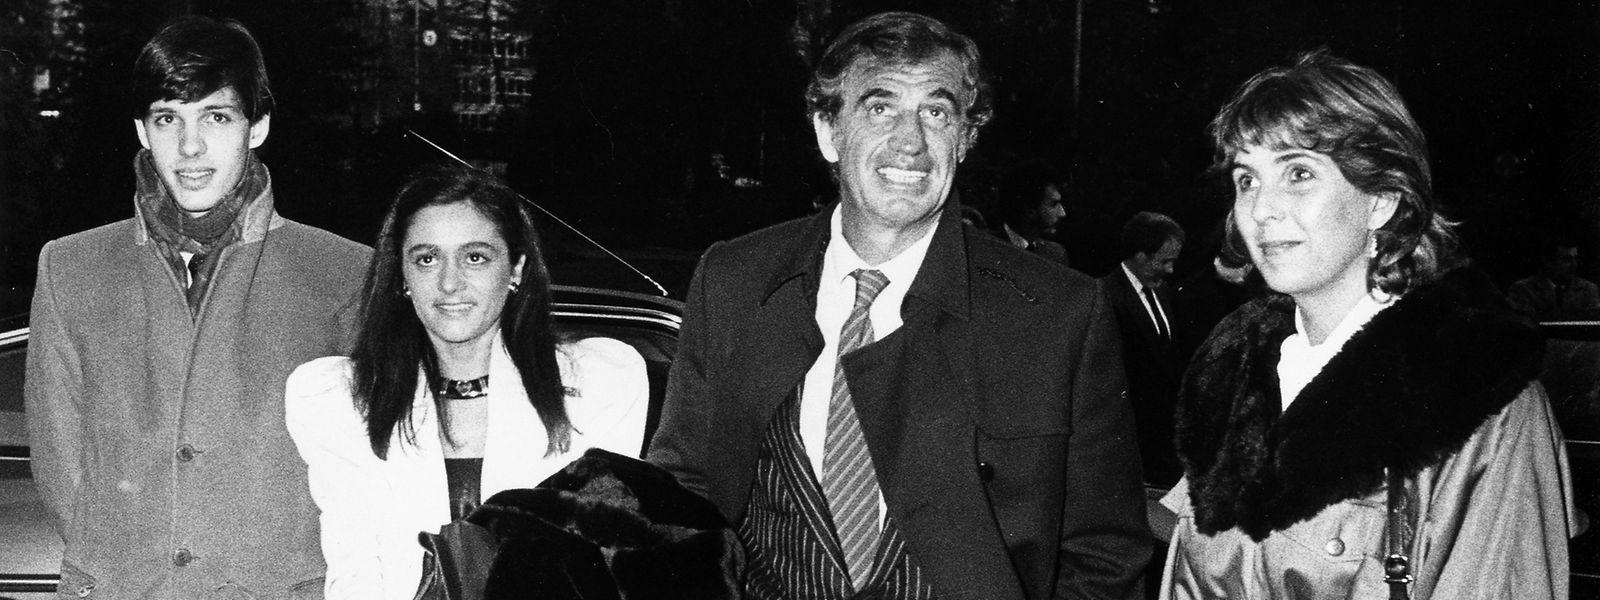 Accompagné de ses enfants (Paul et Florence) et de Lydie Polfer, l'acteur avait fait halte à la Villa Vauban.